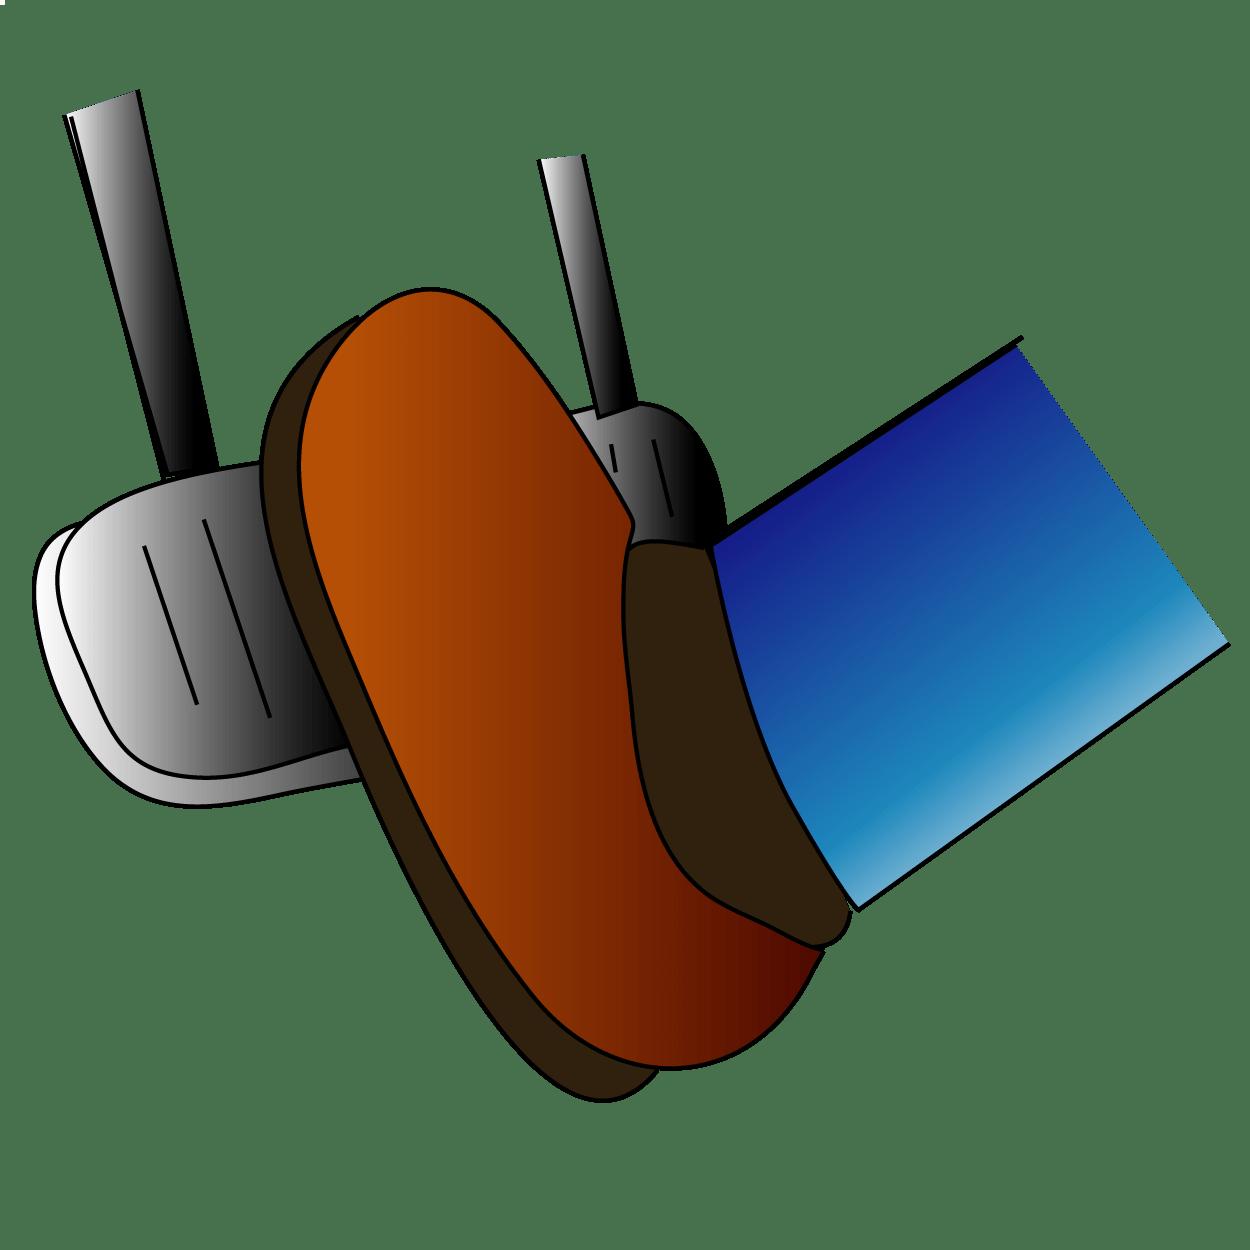 Driver clipart aggressive driving. Fuel saving tips kolkataonwheels